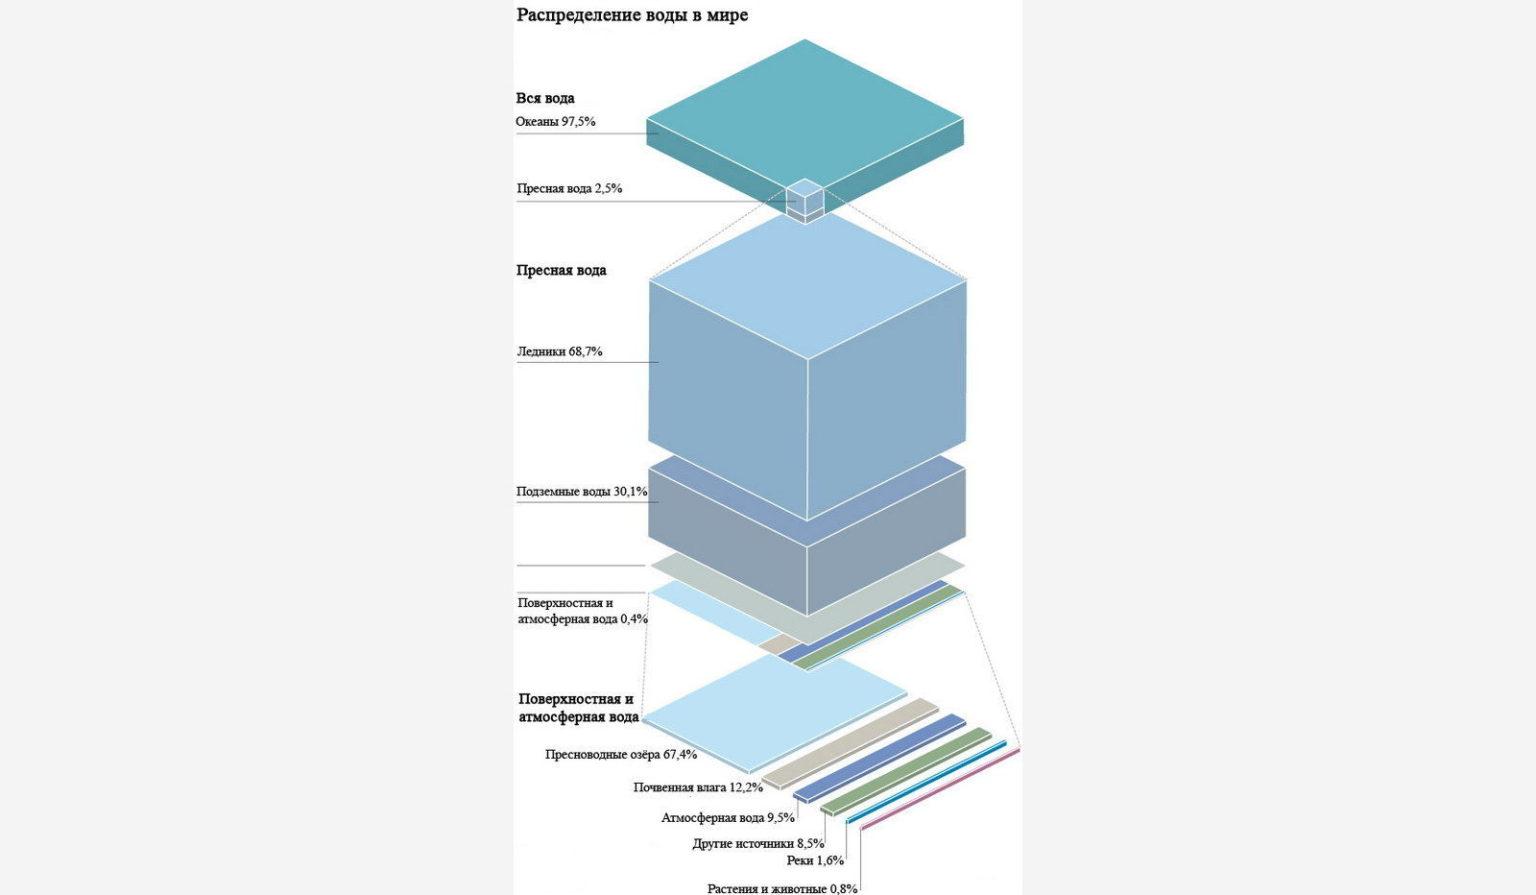 сколько процентов площади занимает мировой океан